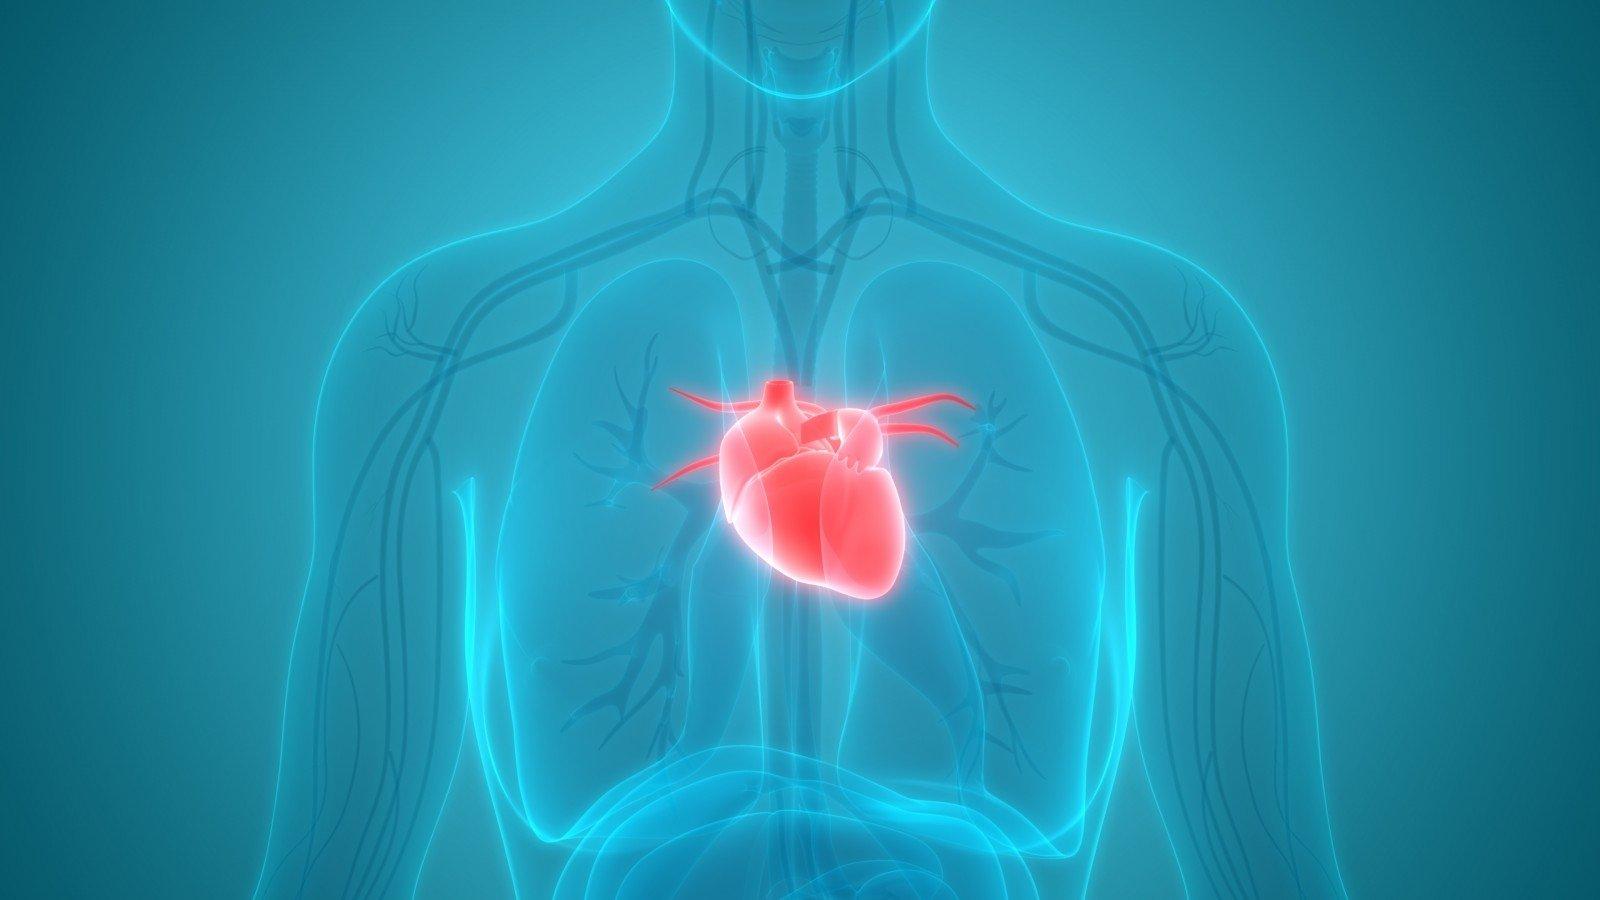 koks geras vaistas nuo hipertenzijos sergant hipertenzija, kiek vandens gerti per dieną